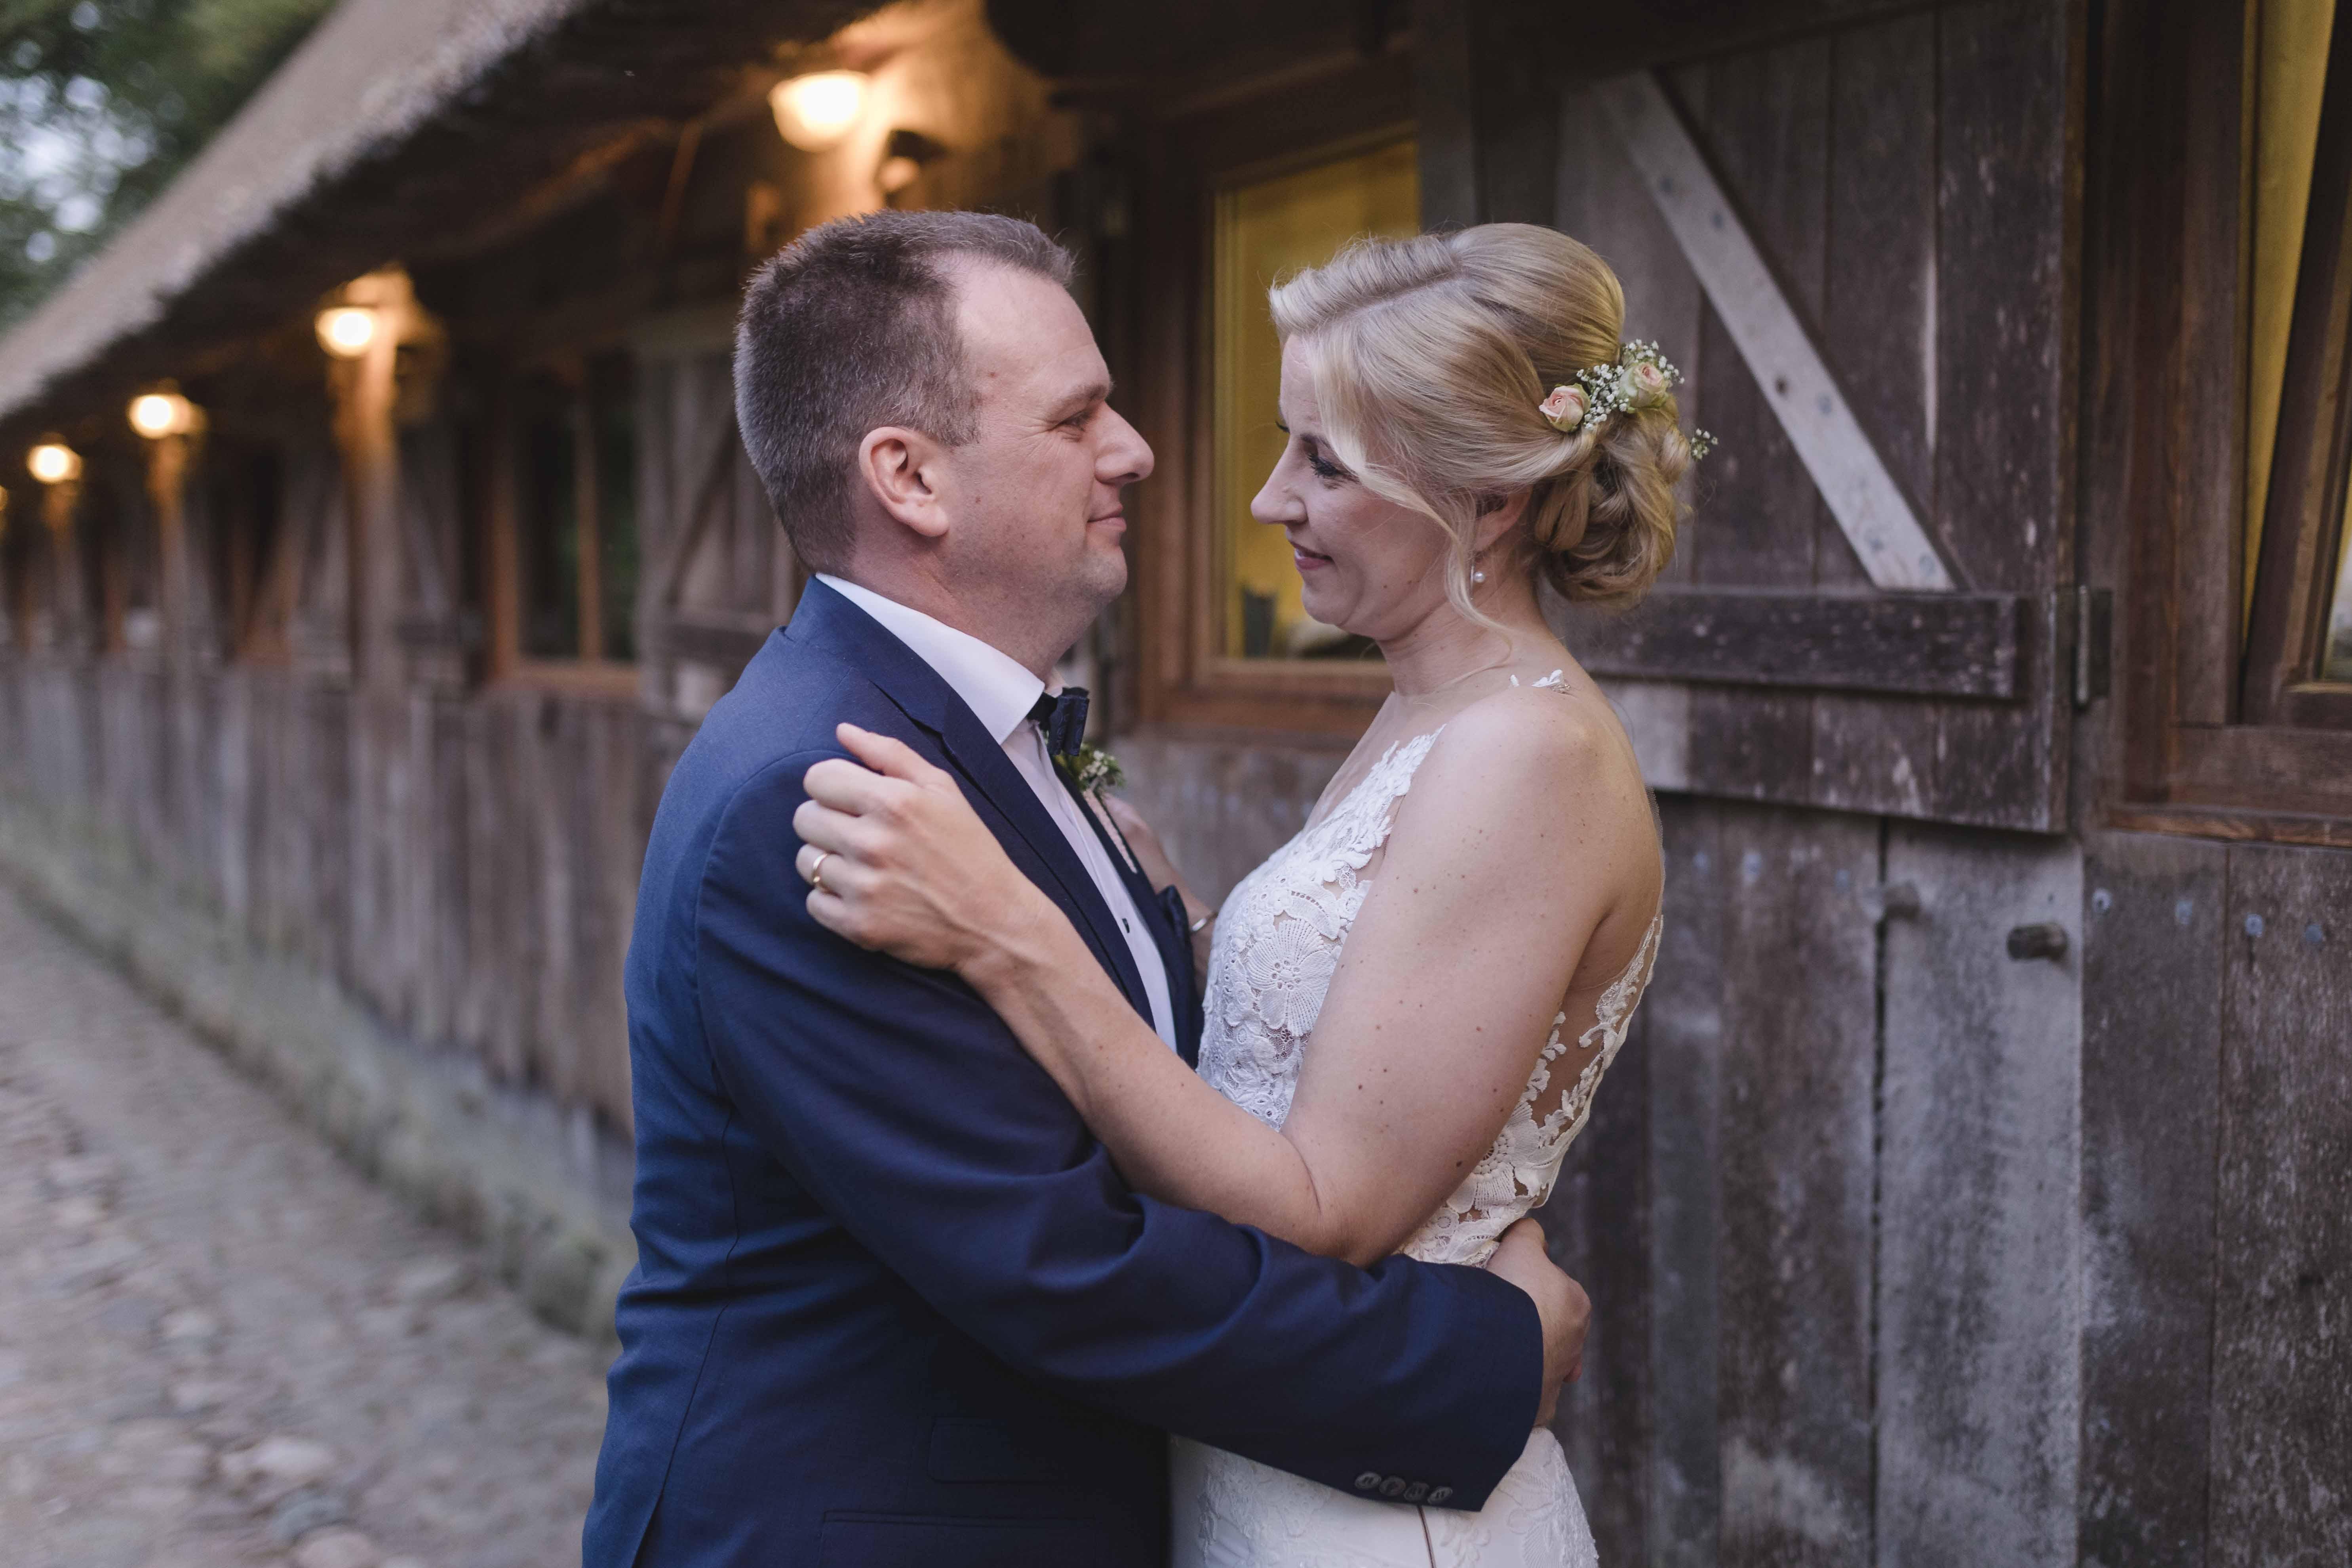 Hochzeitsfotografin Wörme: das Brautpaar steht abends vor der beleuchteten Location